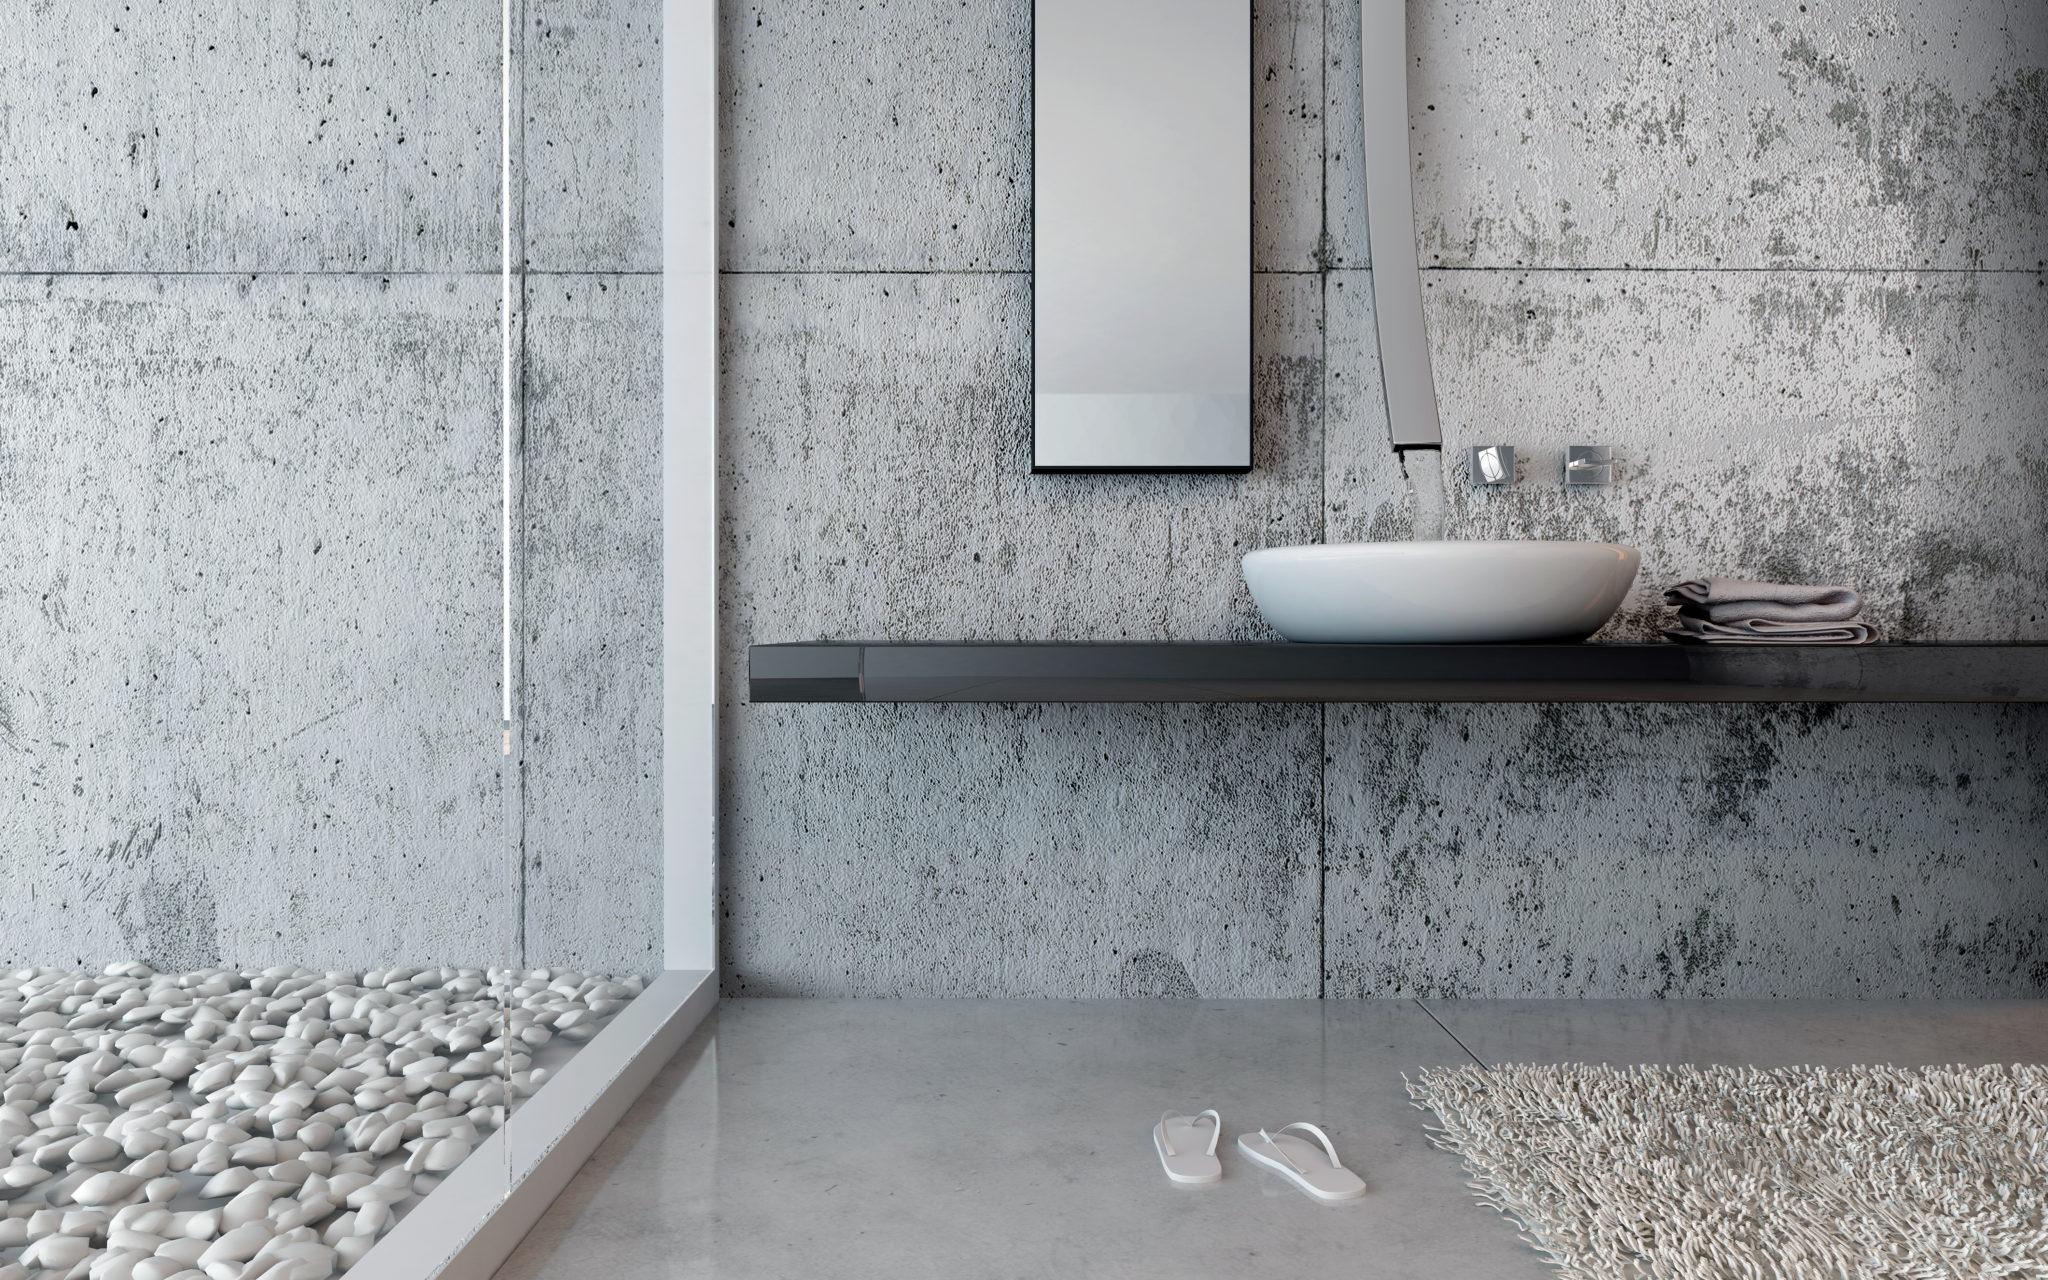 Nowoczesna łazienka Czyli Jaka Trendy Wiosnalato 2019